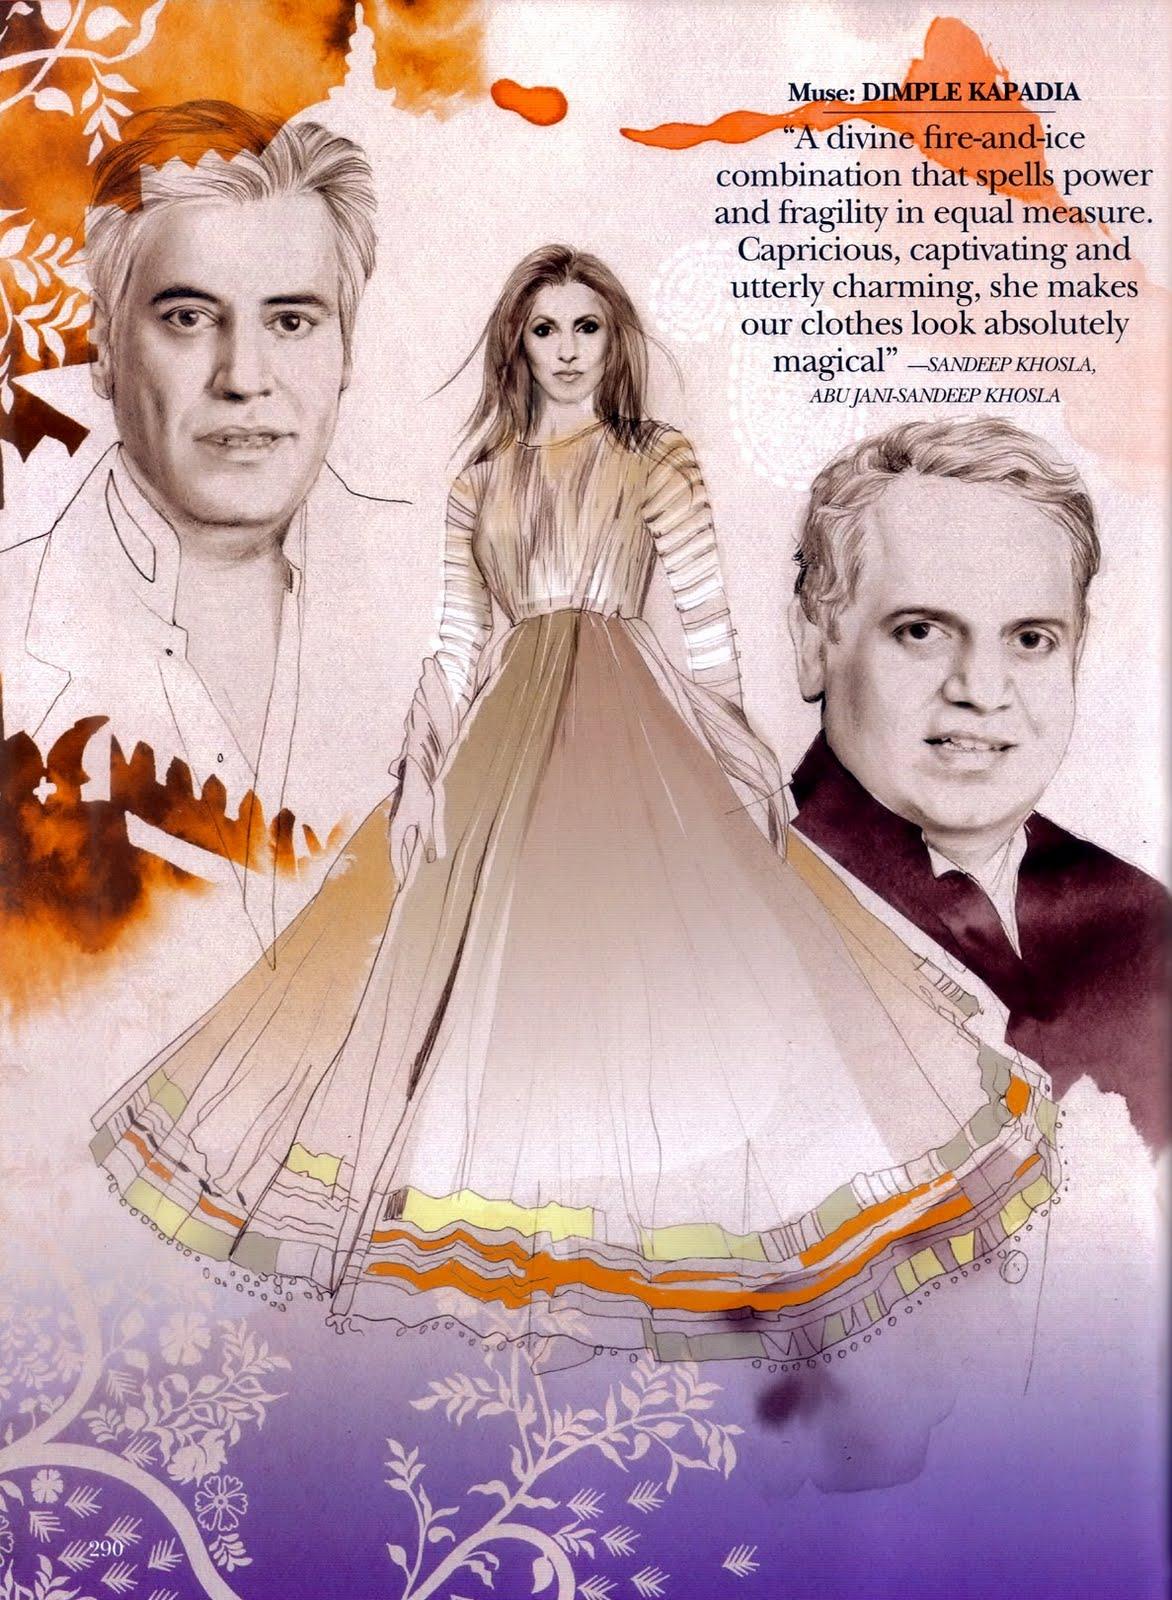 Elles sont une source d'inspiration pour les designer indien...